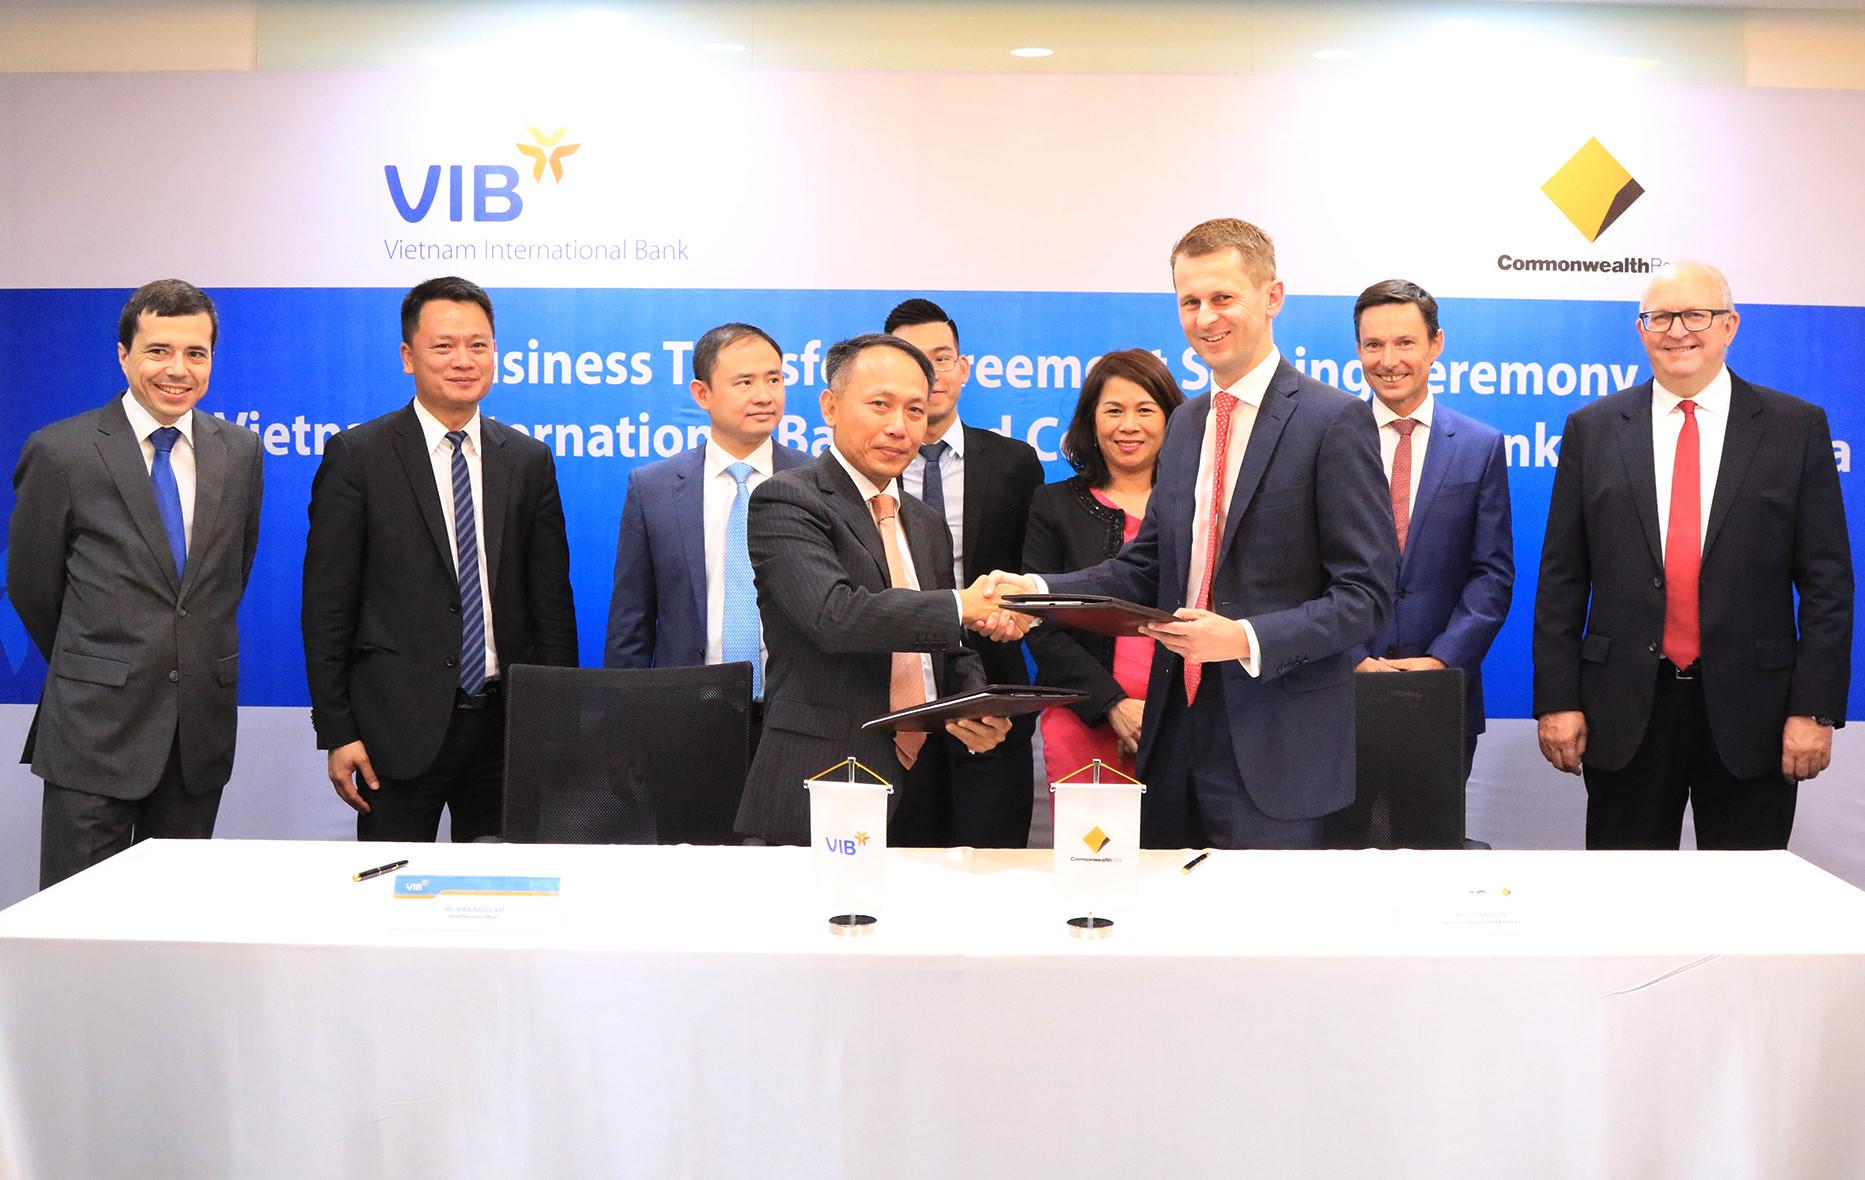 Kết quả hình ảnh cho Commonwealth Bank of Australia (CBA) bị VIB mua lại.